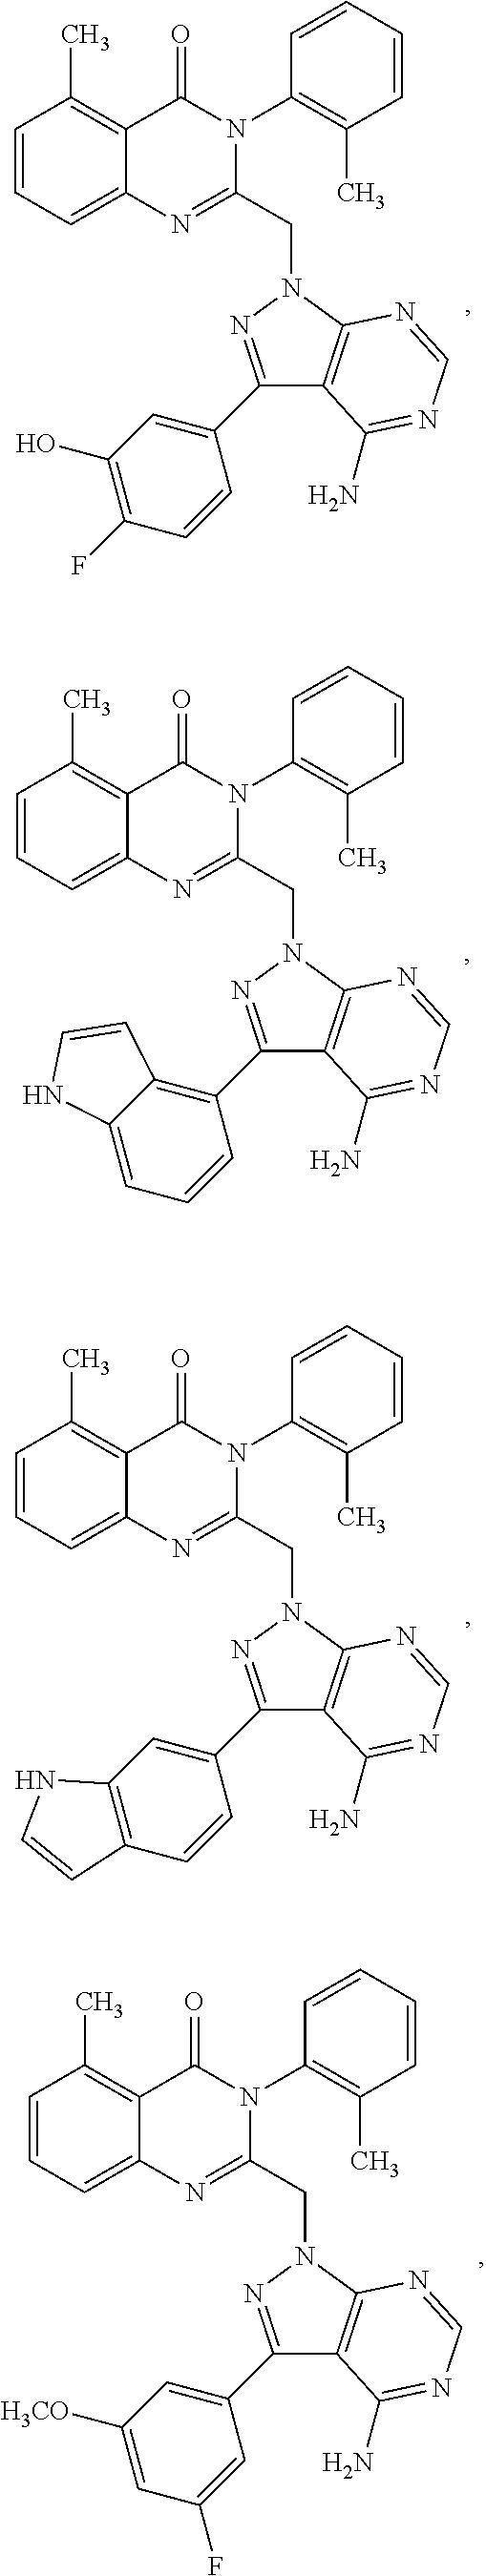 Figure US09493467-20161115-C00045